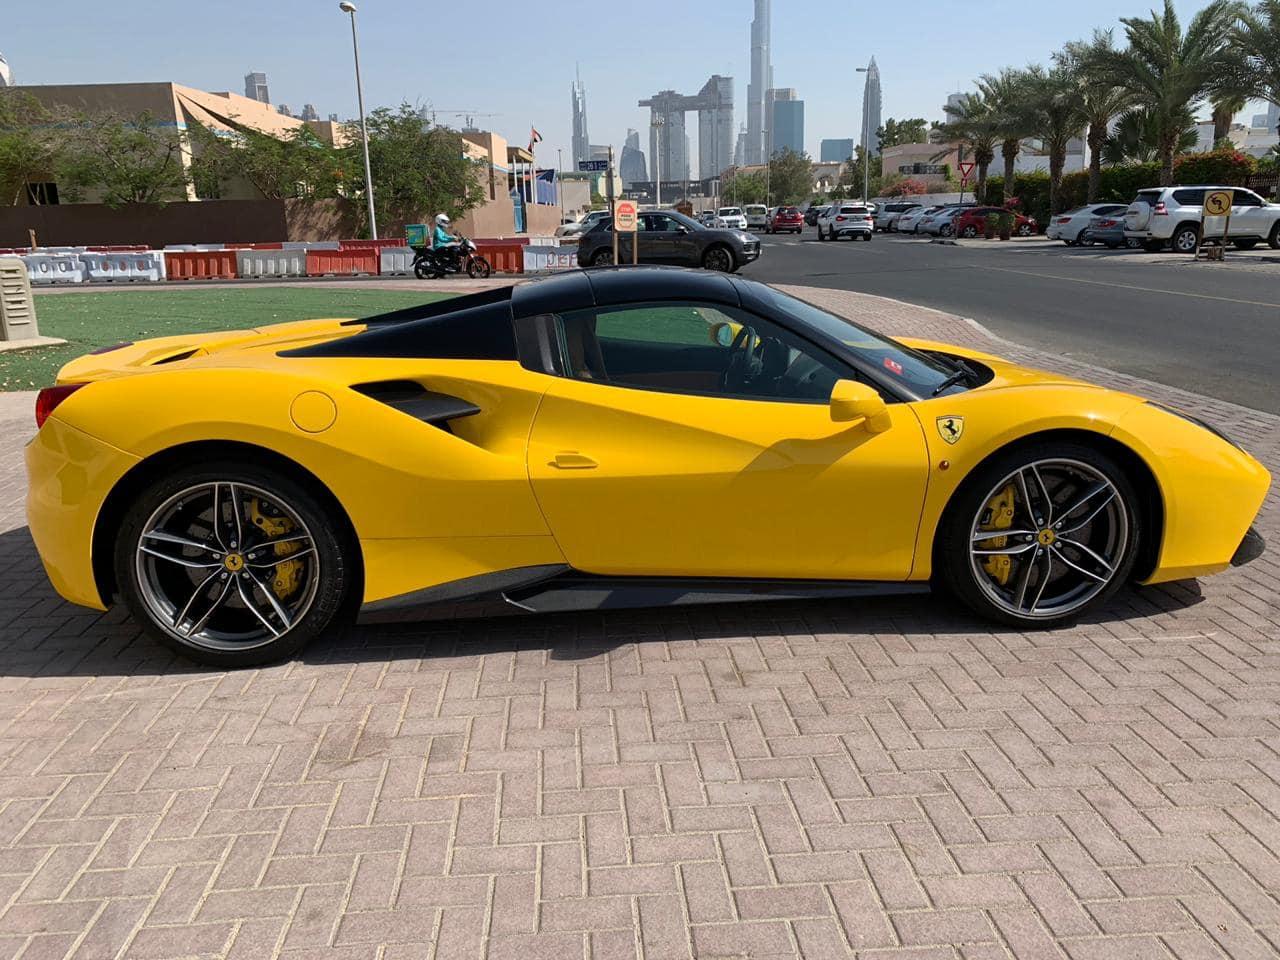 Siêu xe mui trần Ferrari đẹp tinh tế